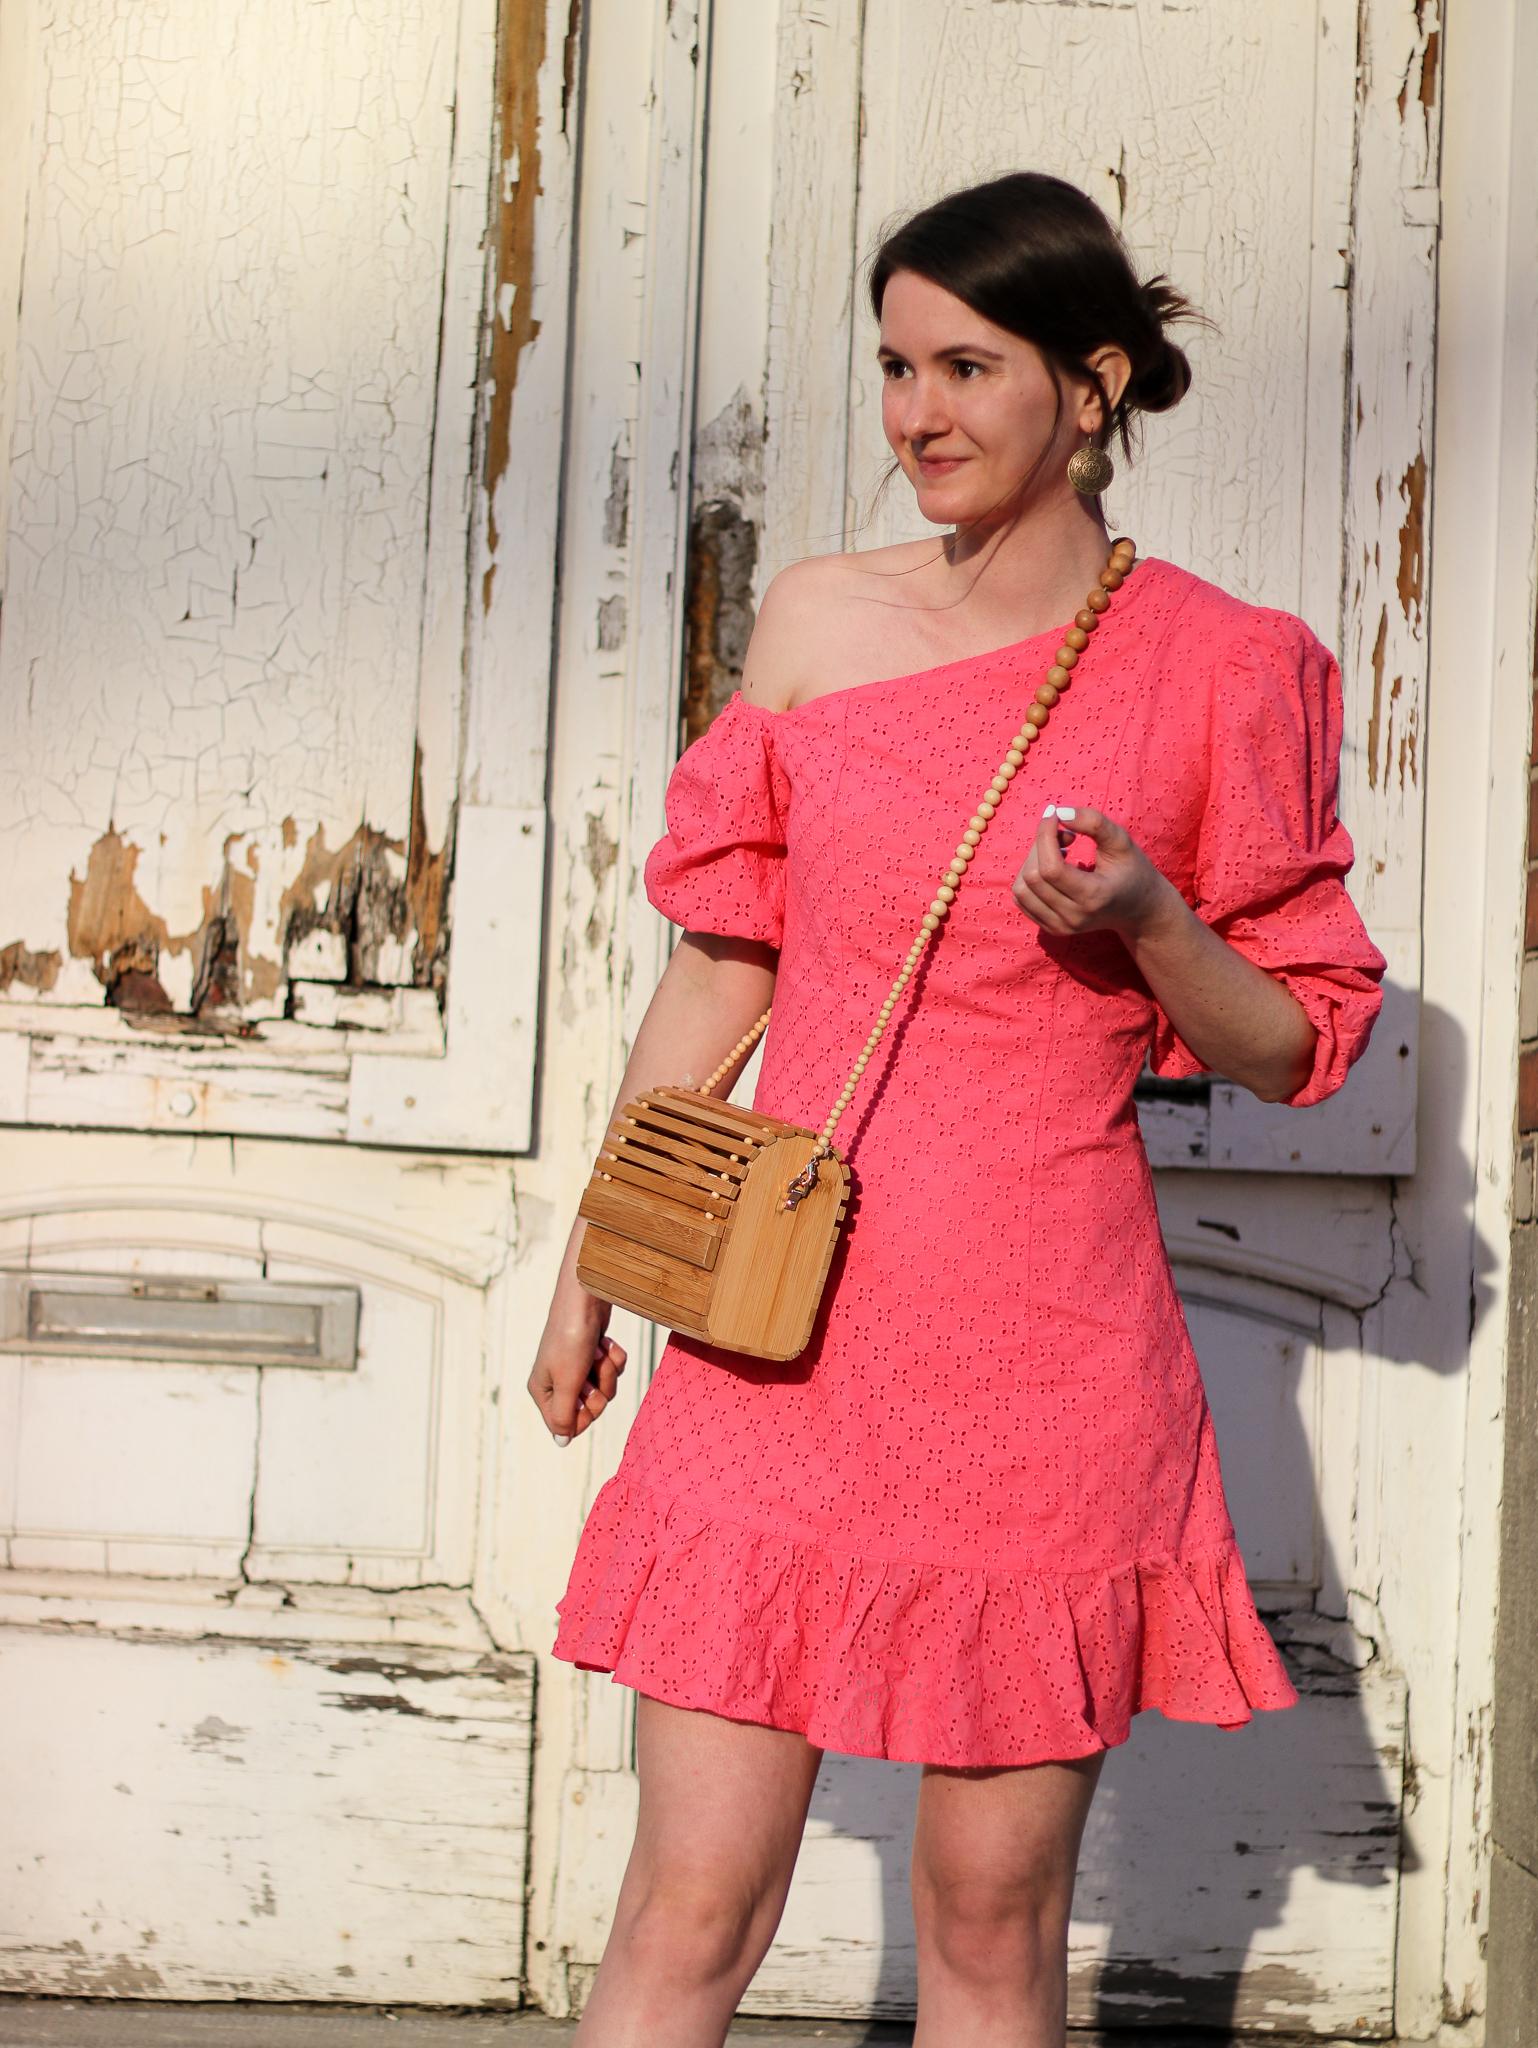 Modeblog_Outfit_Streetstyle_Brüssel_Asymetrisches pinkes Kleid, weiße Turnschuhe , Holztasche, weißer Nagellack von Opy_10